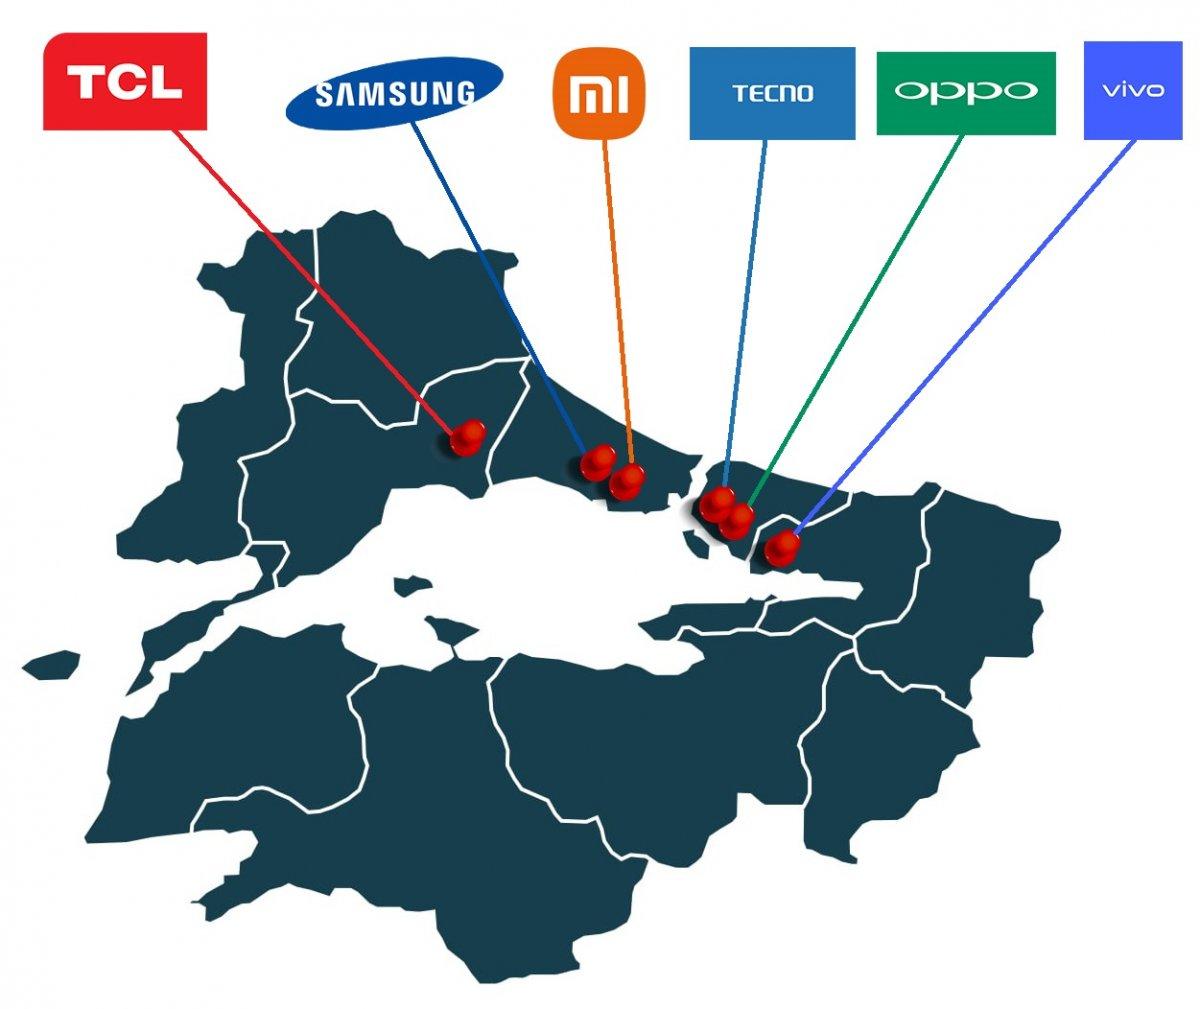 Türkiye, akıllı telefon üretim üssü haline geliyor: İşte yatırım yapan markalar #9